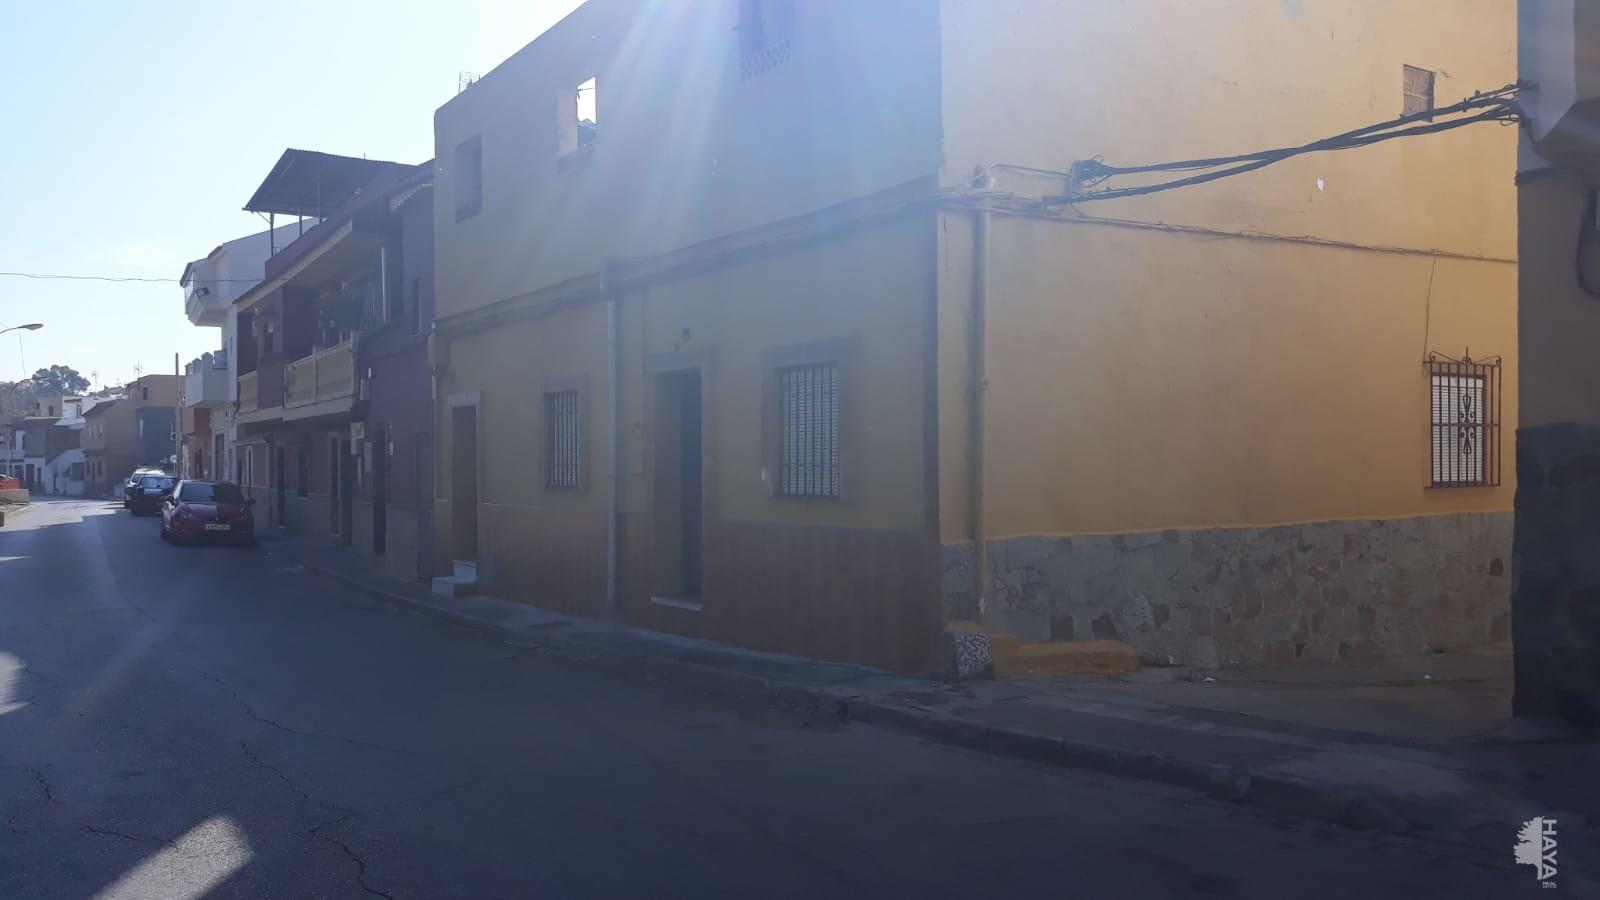 Casa en venta en Algeciras, Cádiz, Calle Pastora, 27.450 €, 2 habitaciones, 1 baño, 49 m2